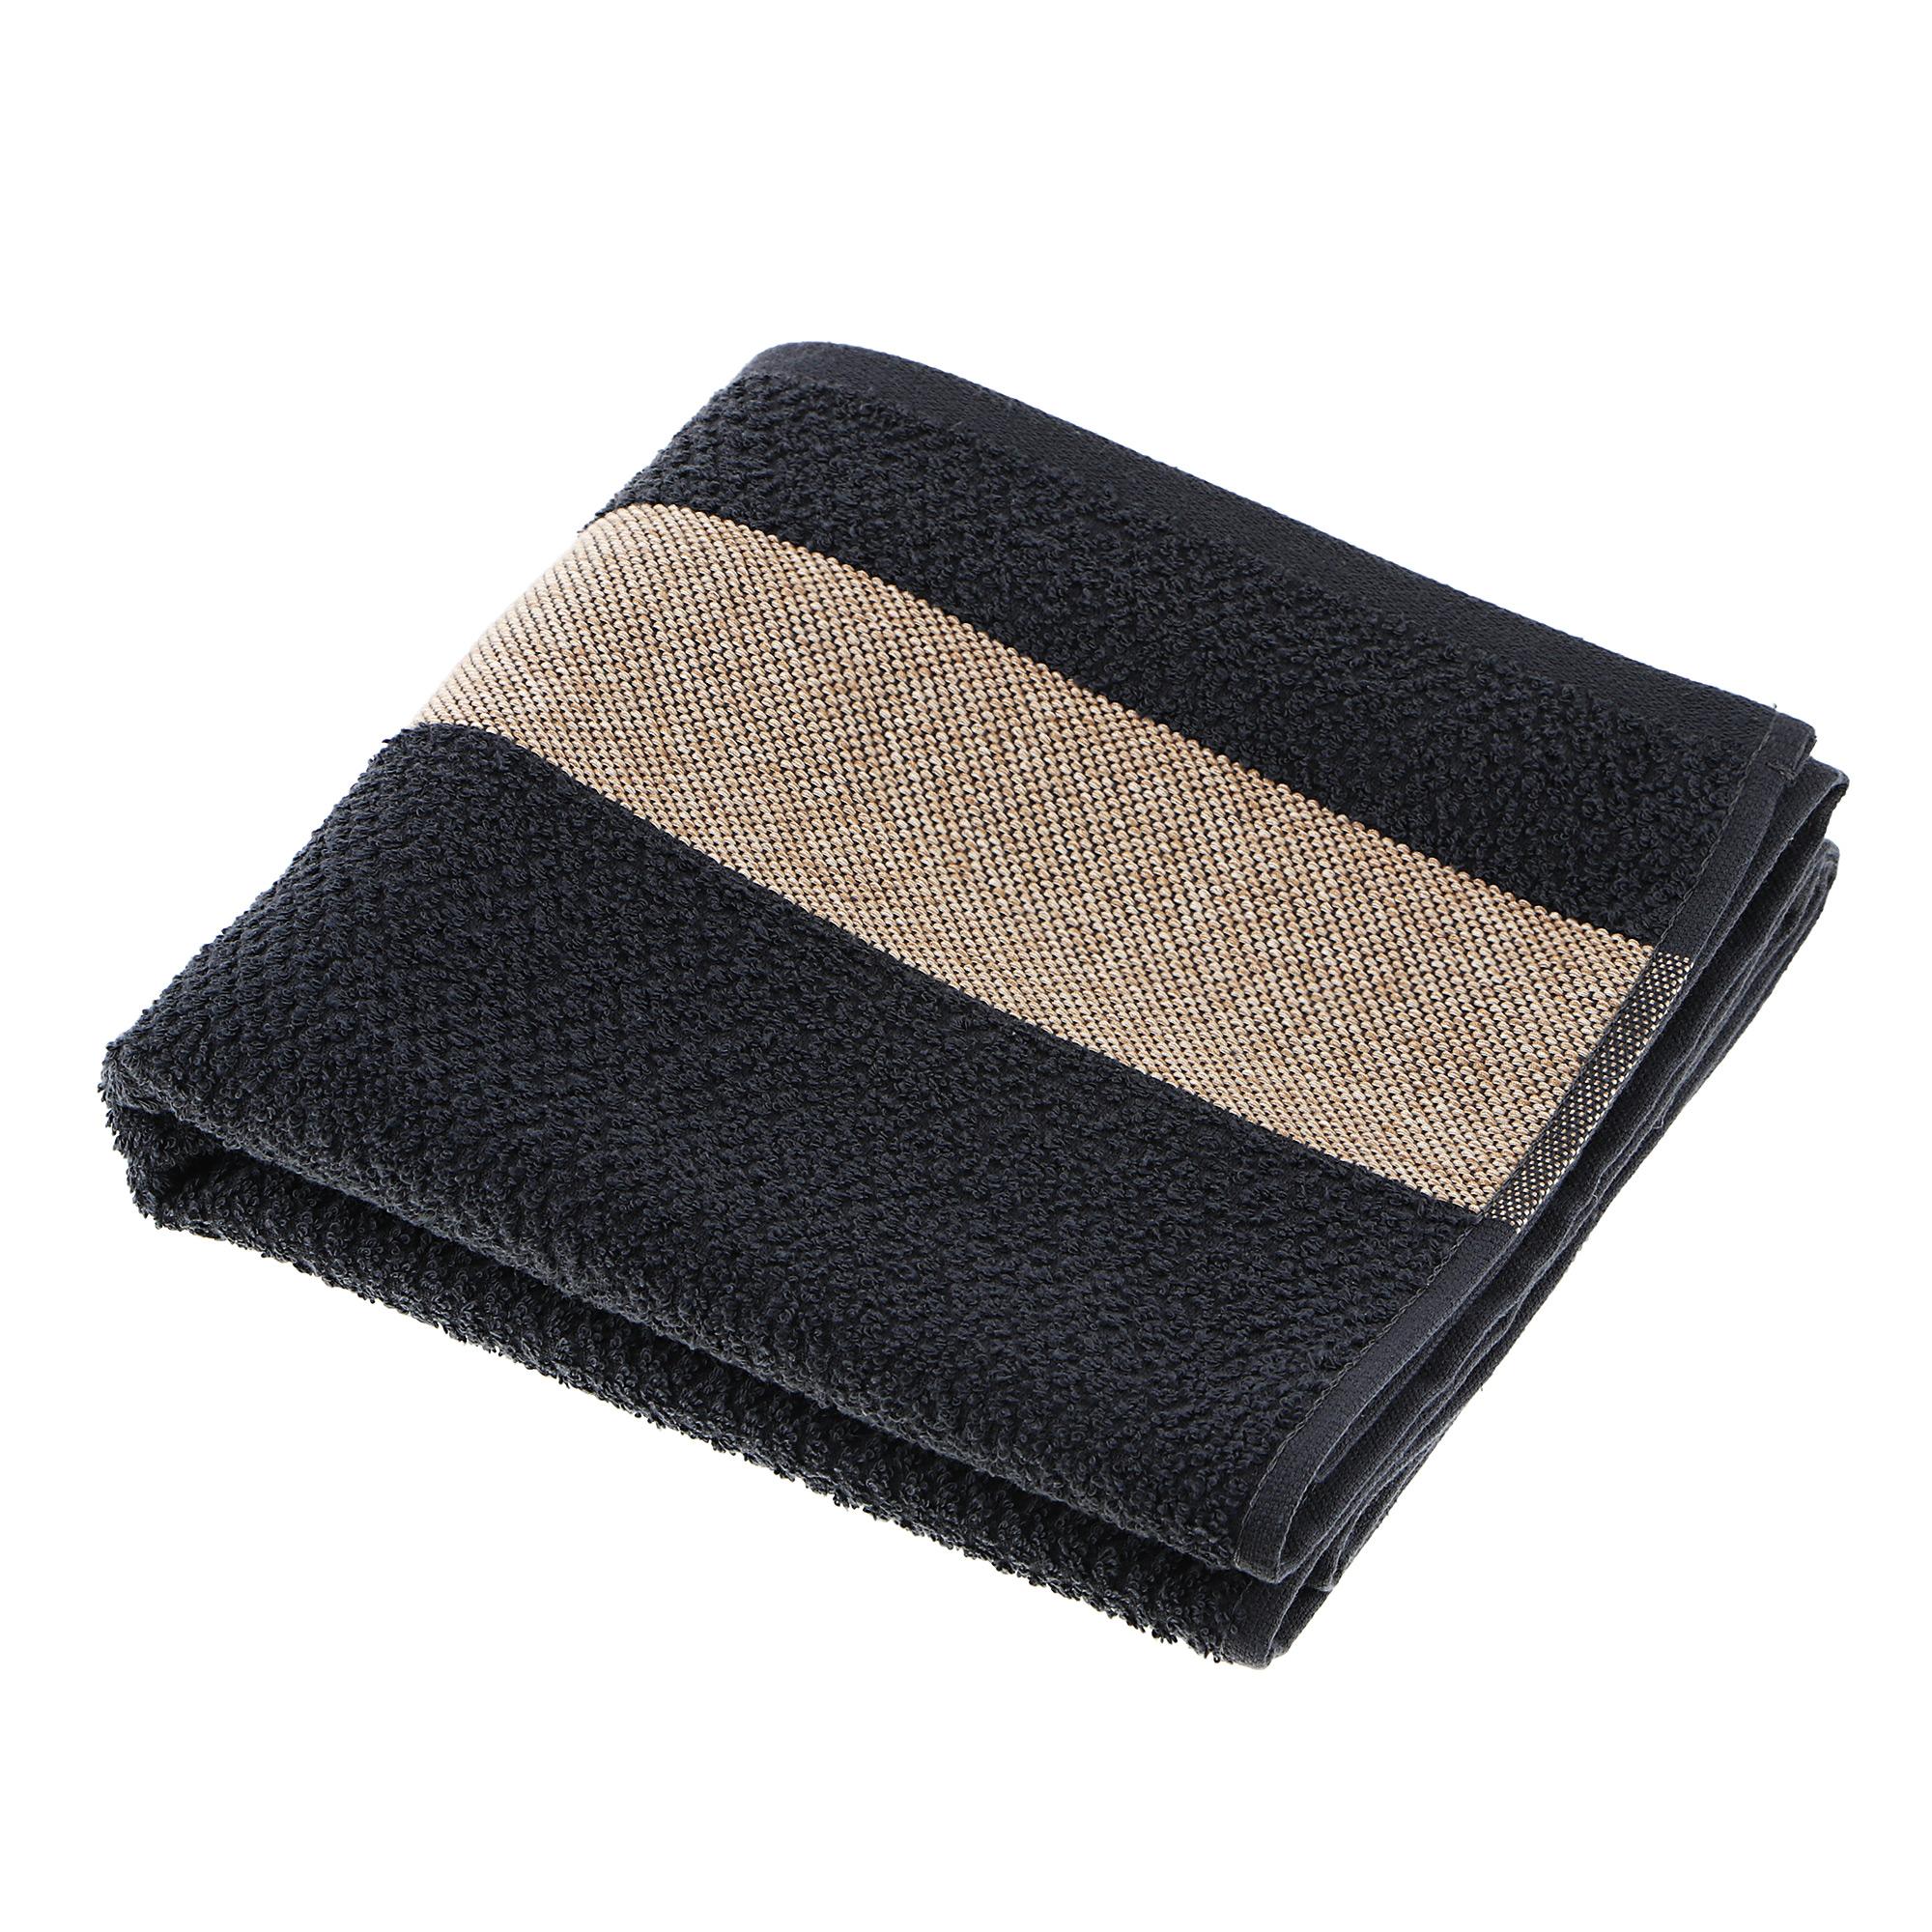 Полотенце махровое Asil woody 100x150 black полотенце махровое asil woody 70x140 l blue